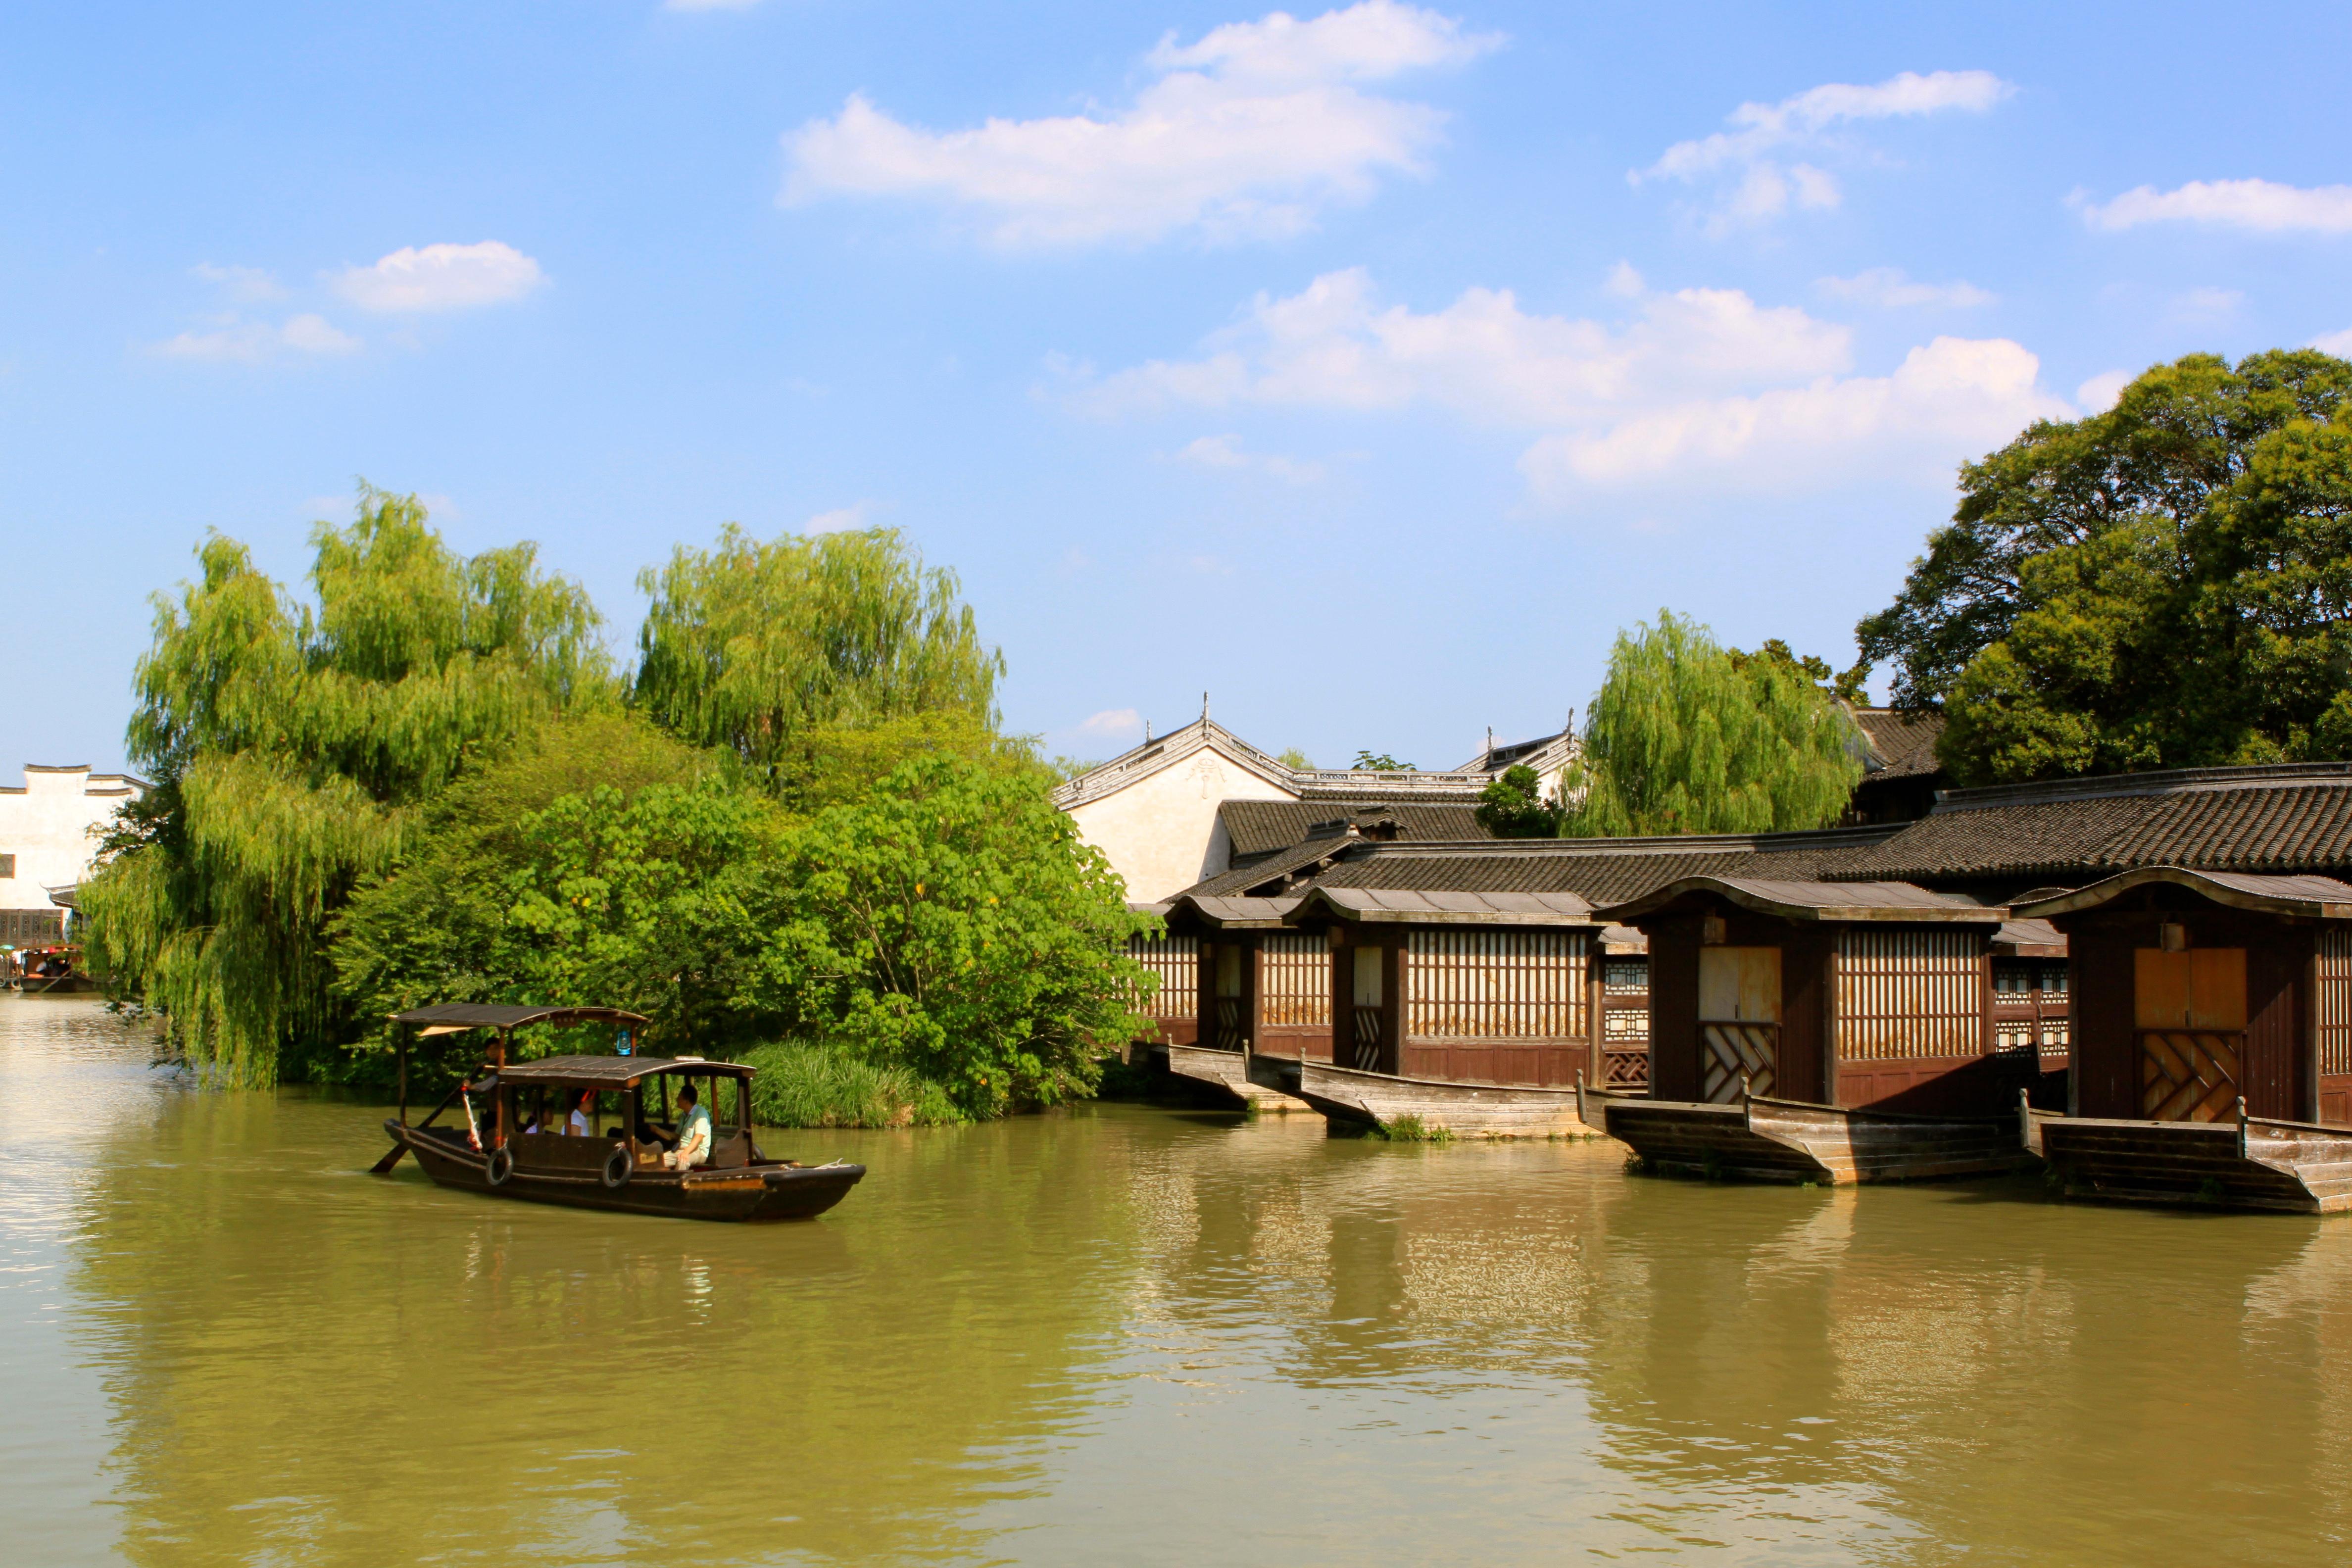 江南里景观高清图片